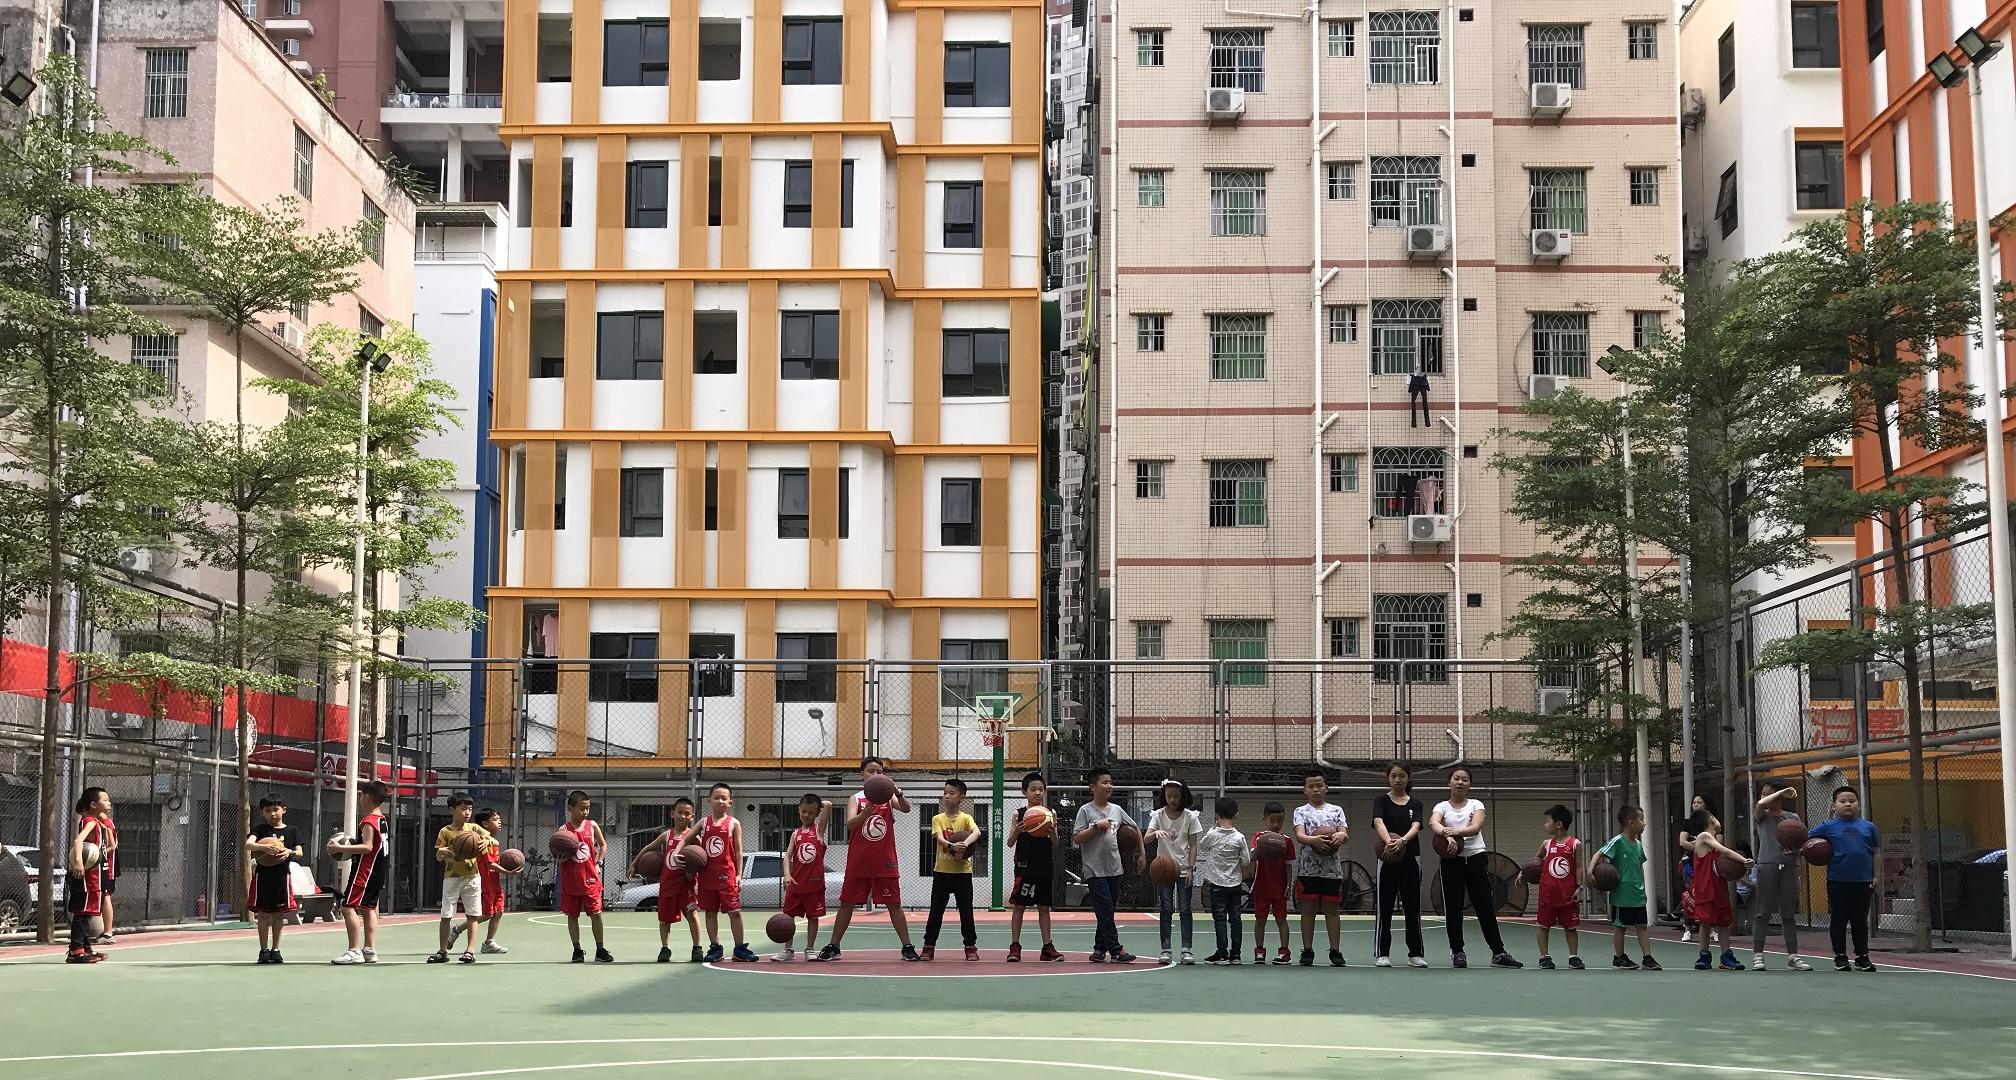 【龙飞篮球训练营】- 翰邻城校区